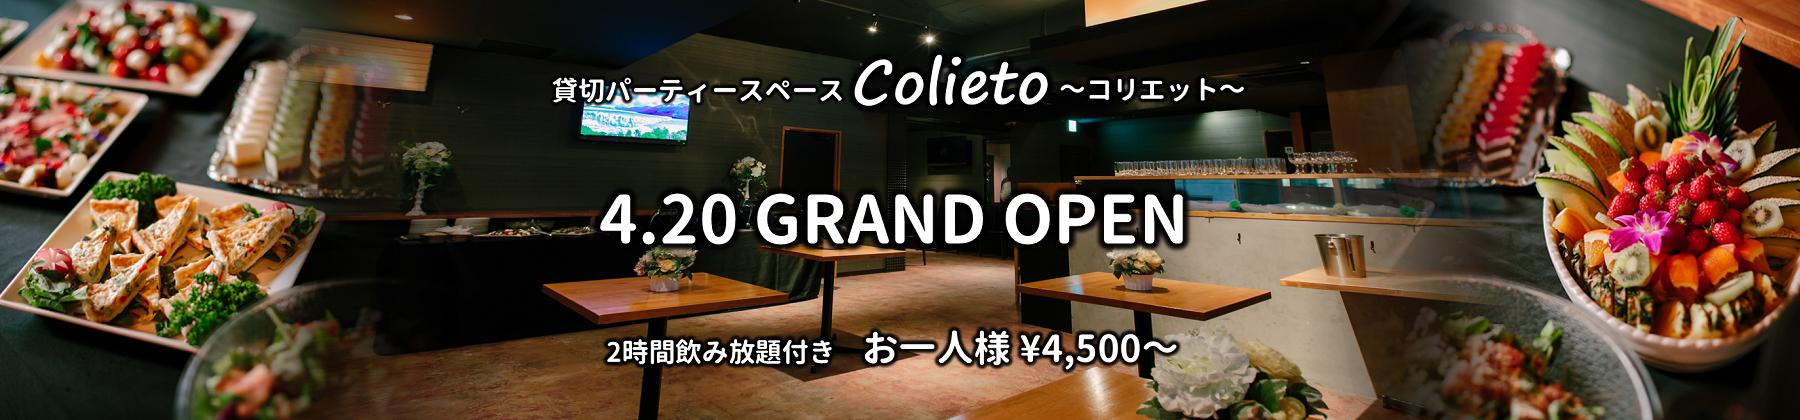 貸切パーティスペースColieto~コリエット~ 4.20 GRAND OPEN  2時間飲み放題付き お一人様 ¥4,500~